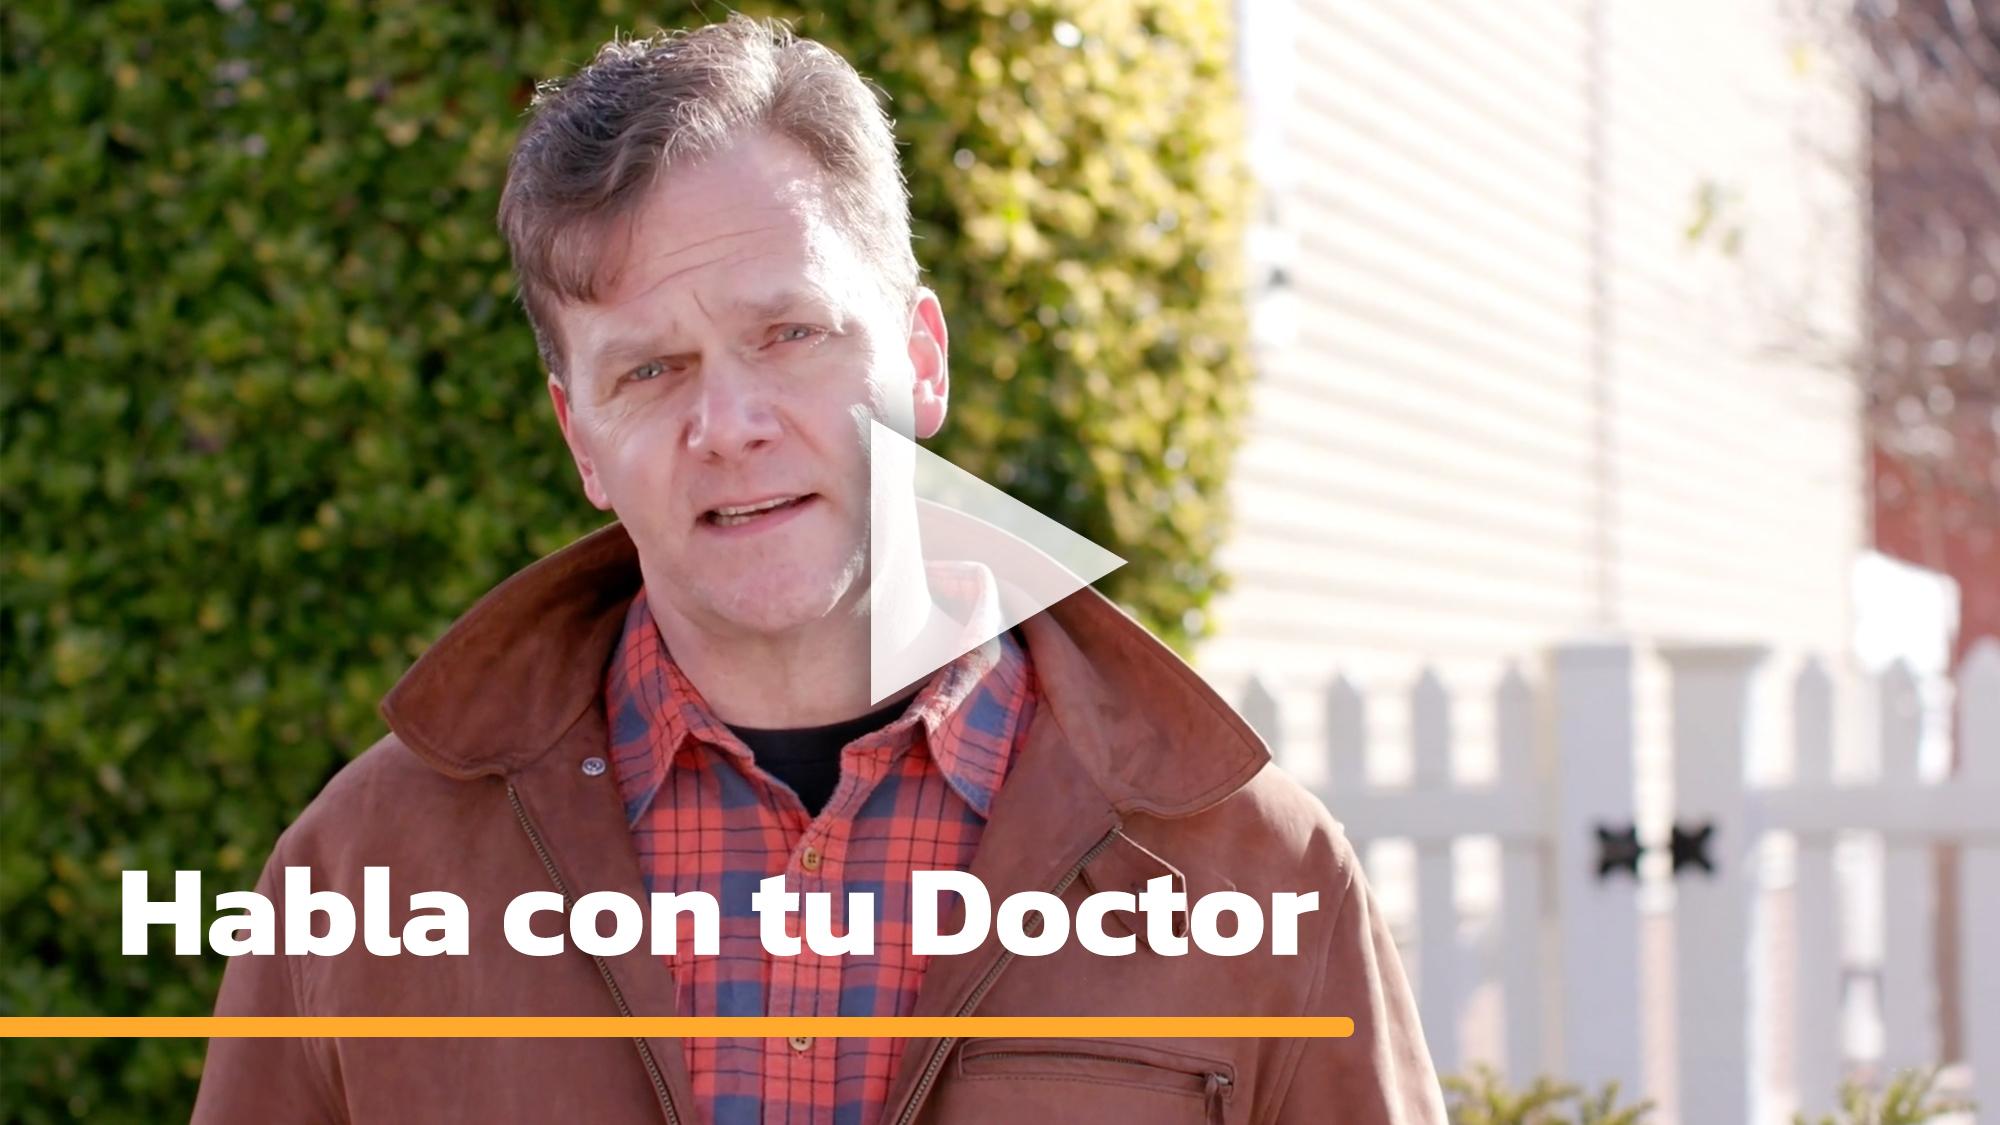 Habla con tu Doctor